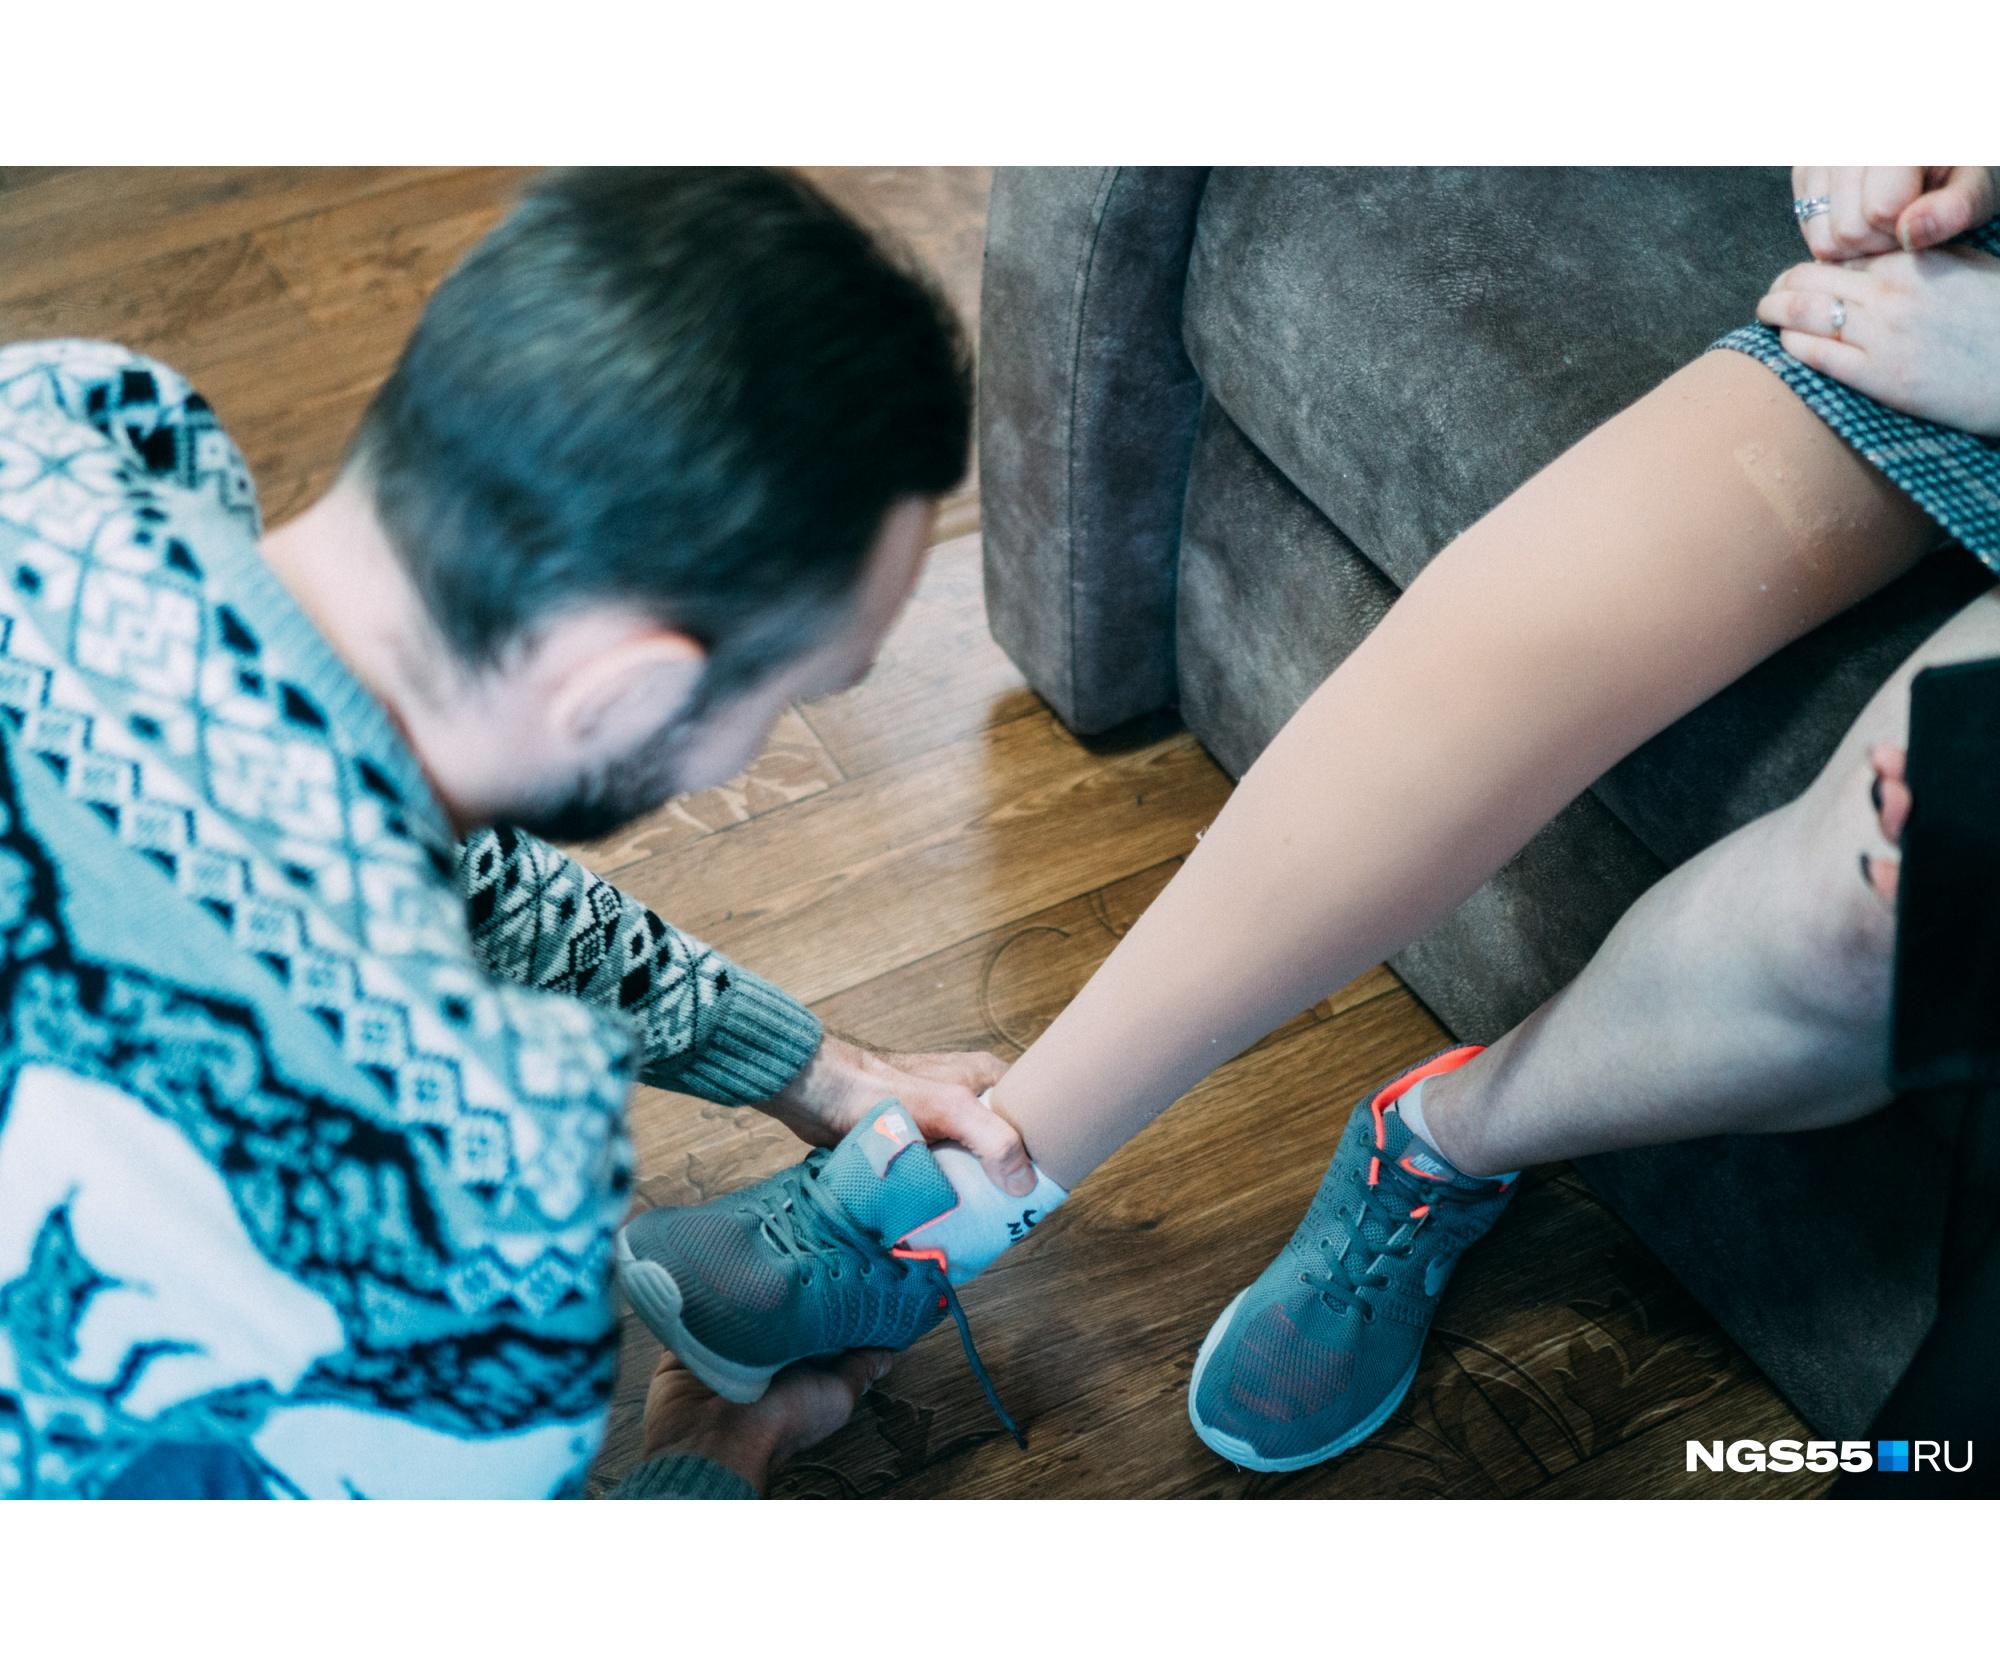 Обуваться в новом протезе Алина тоже сможет сама